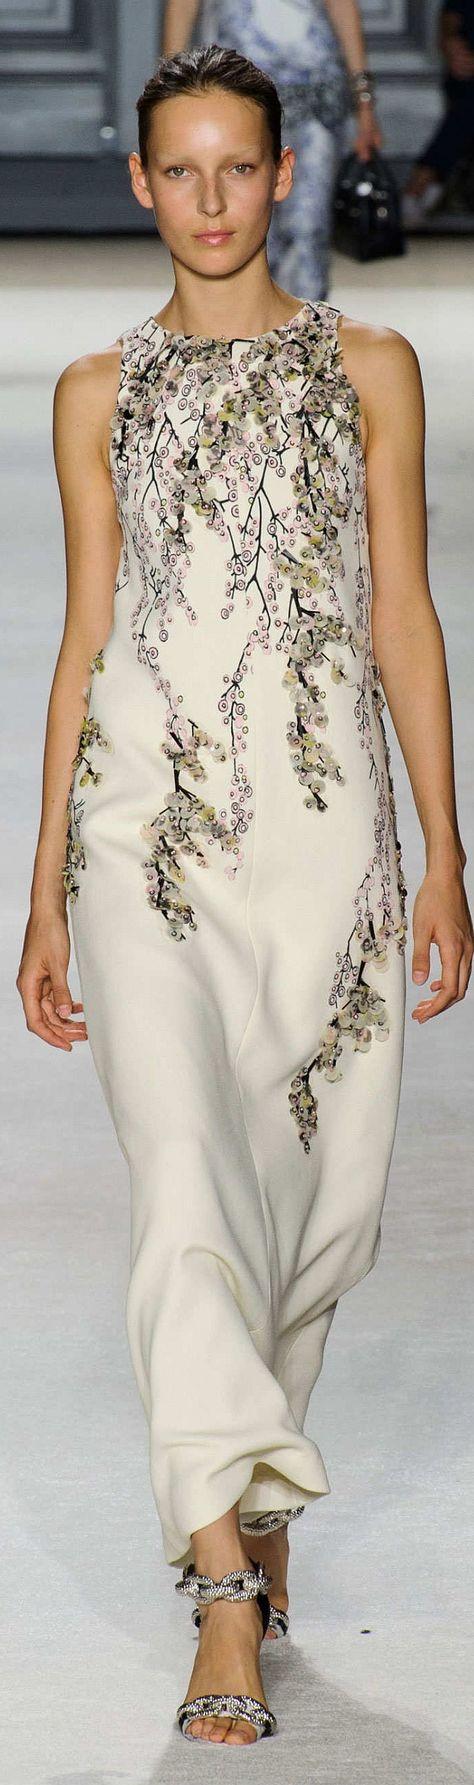 Glamour gowns / karen cox.  Giambattista Valli Collection Spring 2015